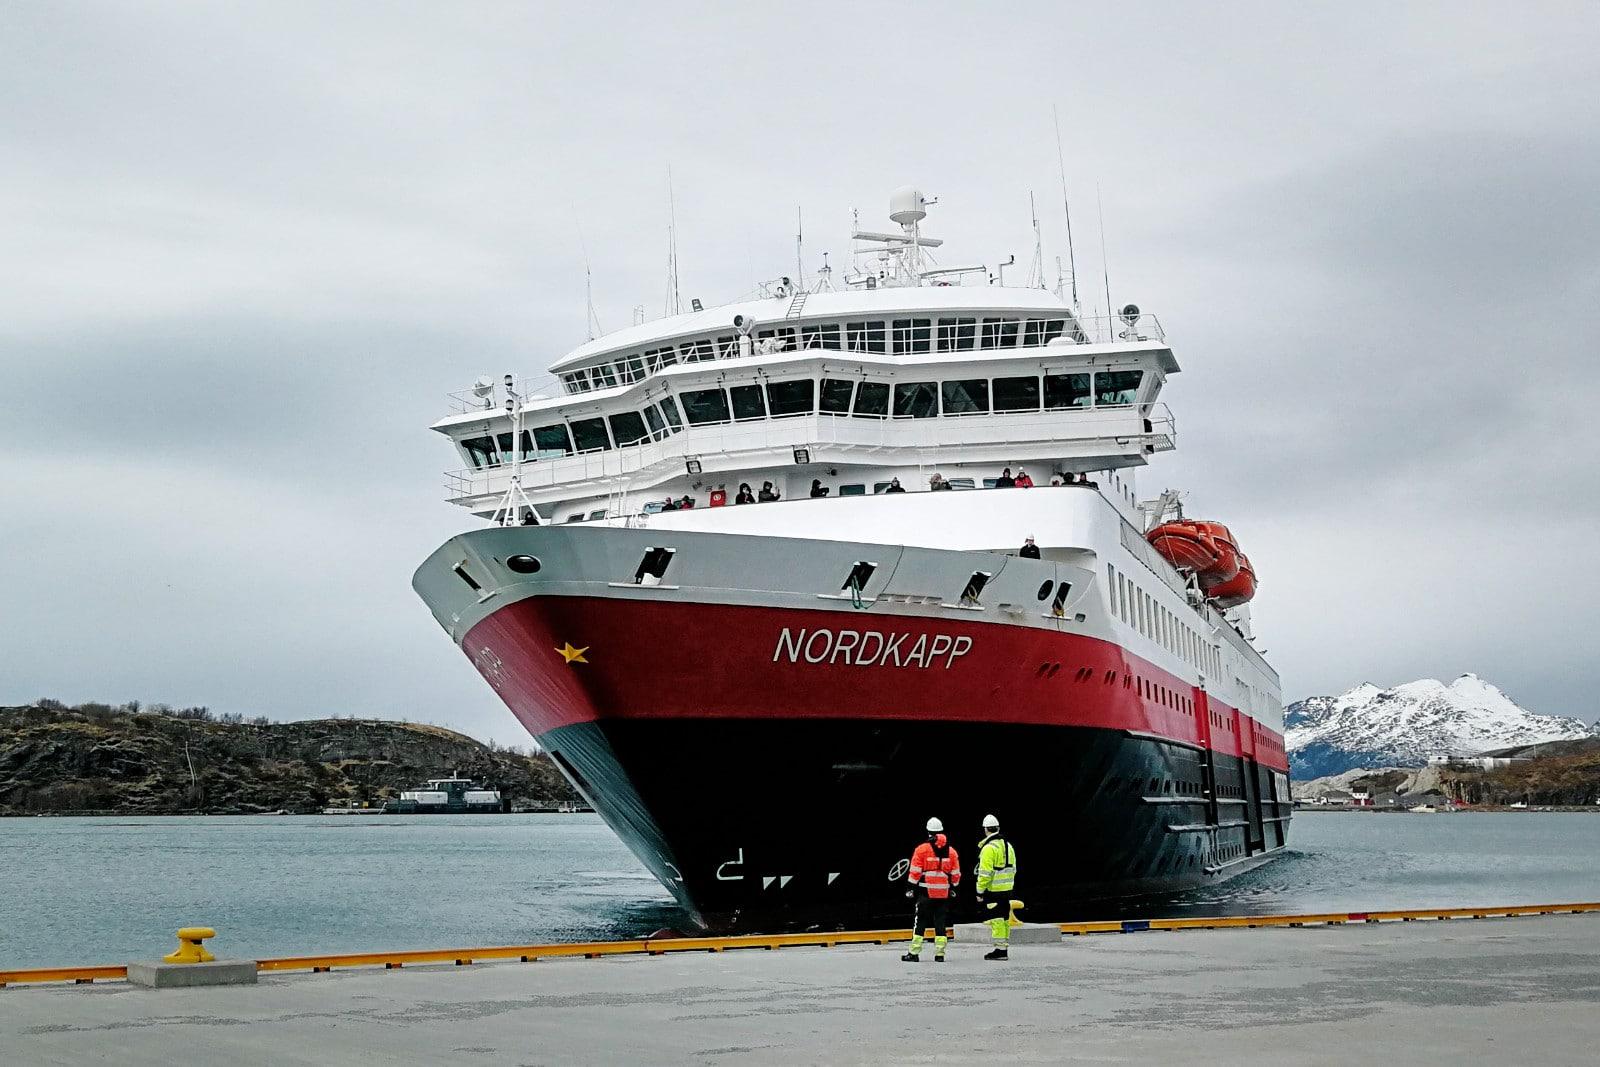 Hurtigrutenschiff